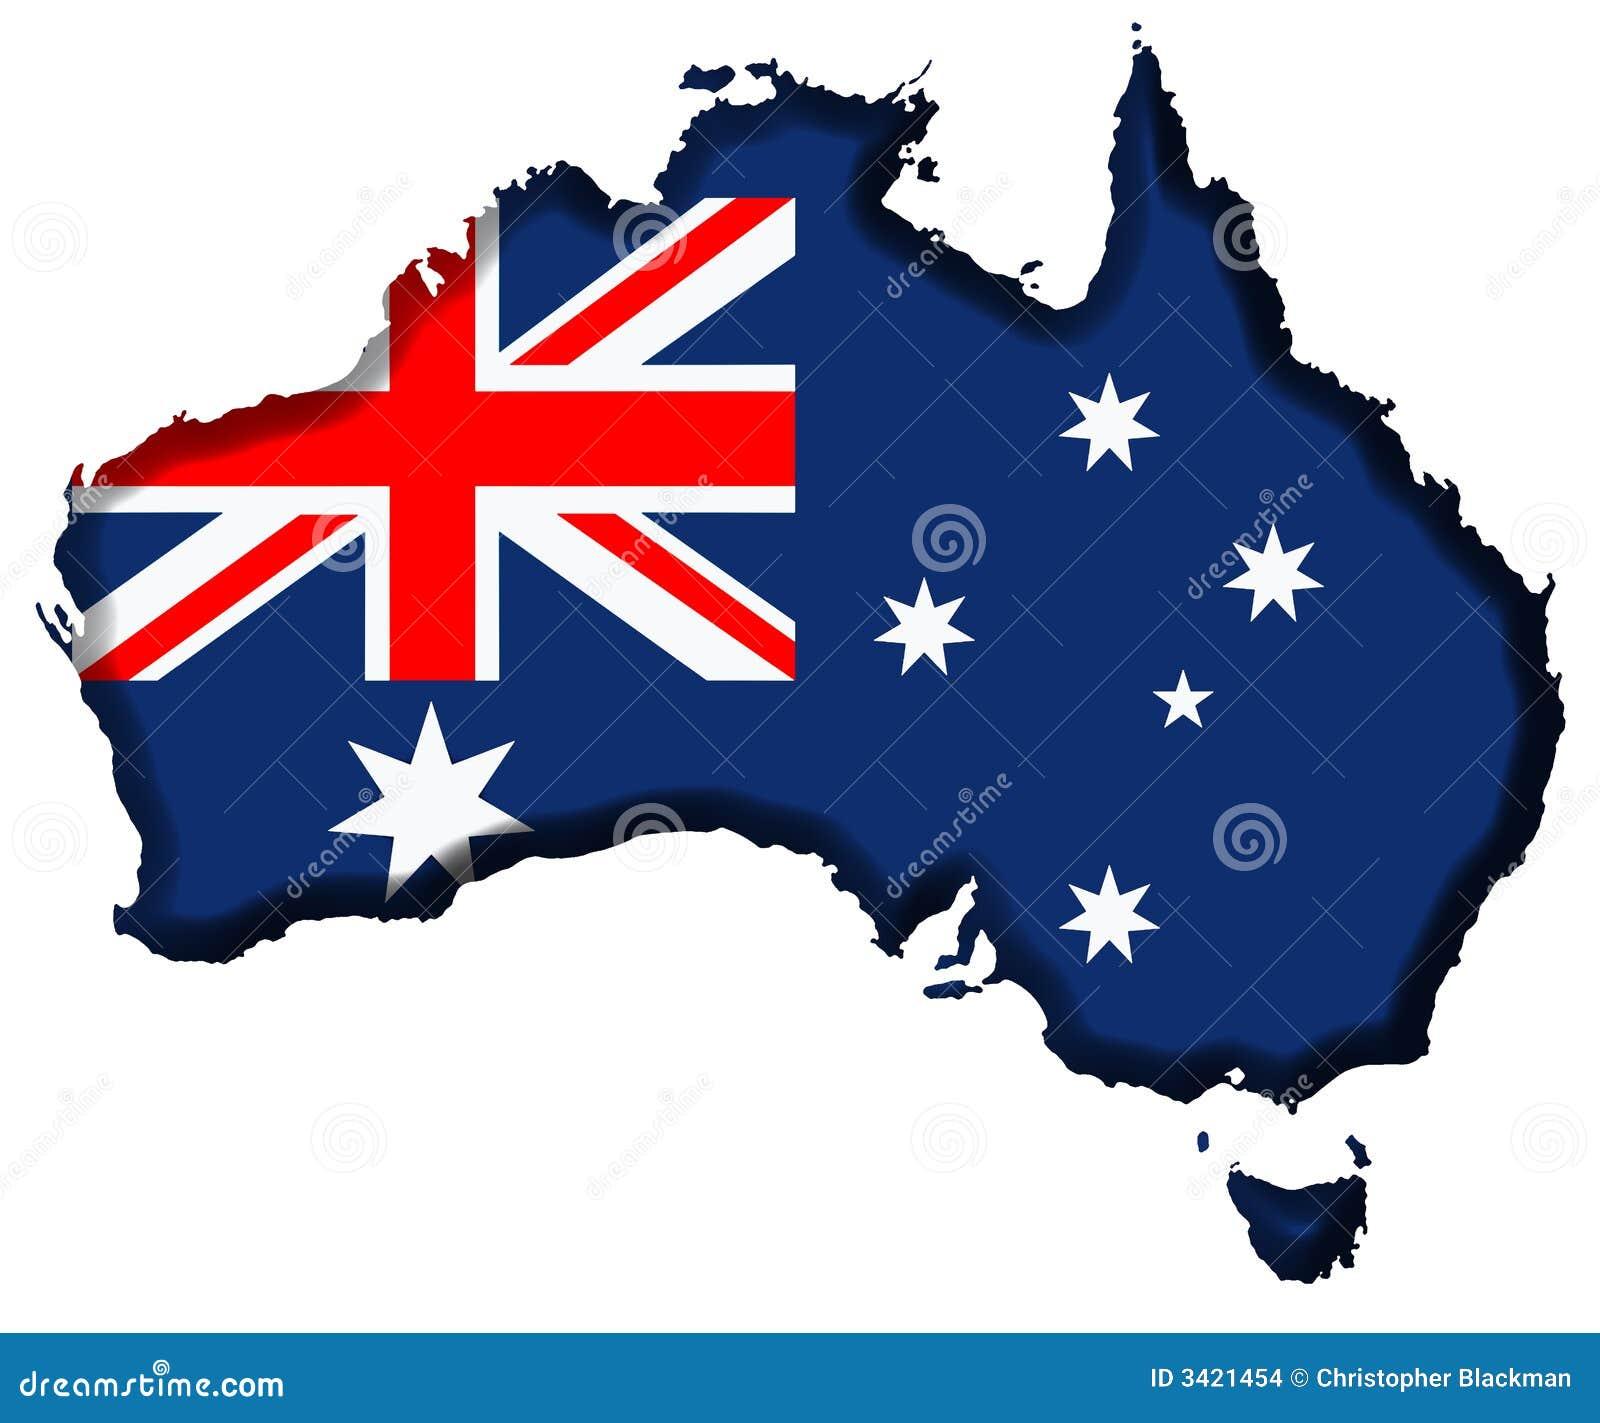 u kvinderne moeder australien